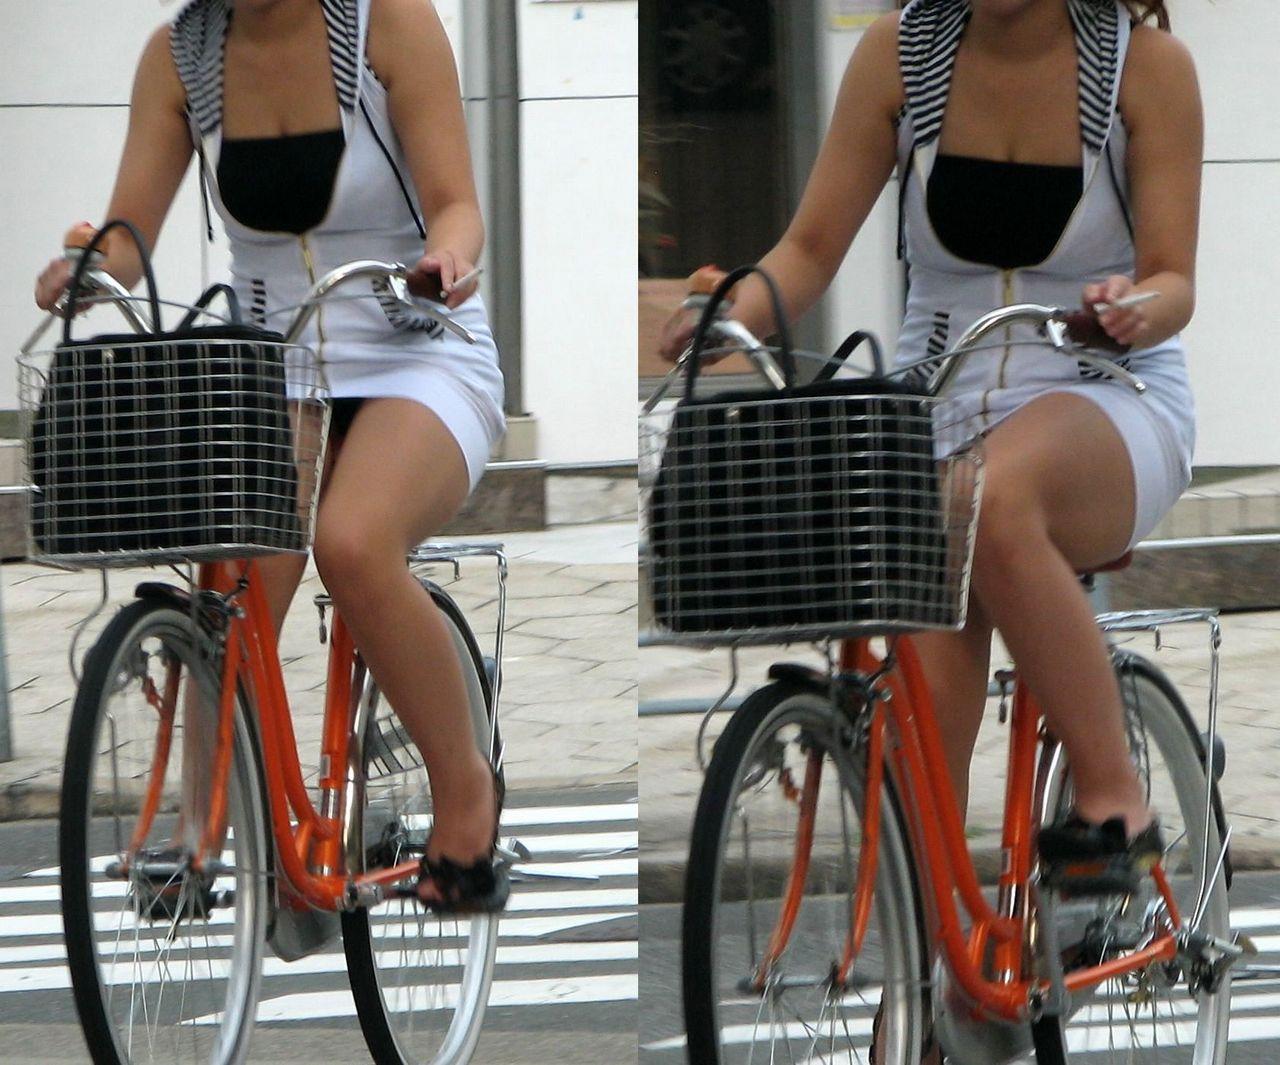 【パンチラエロ画像】すれ違う一瞬を激写!ミニに自転車は抜群の相性www 08